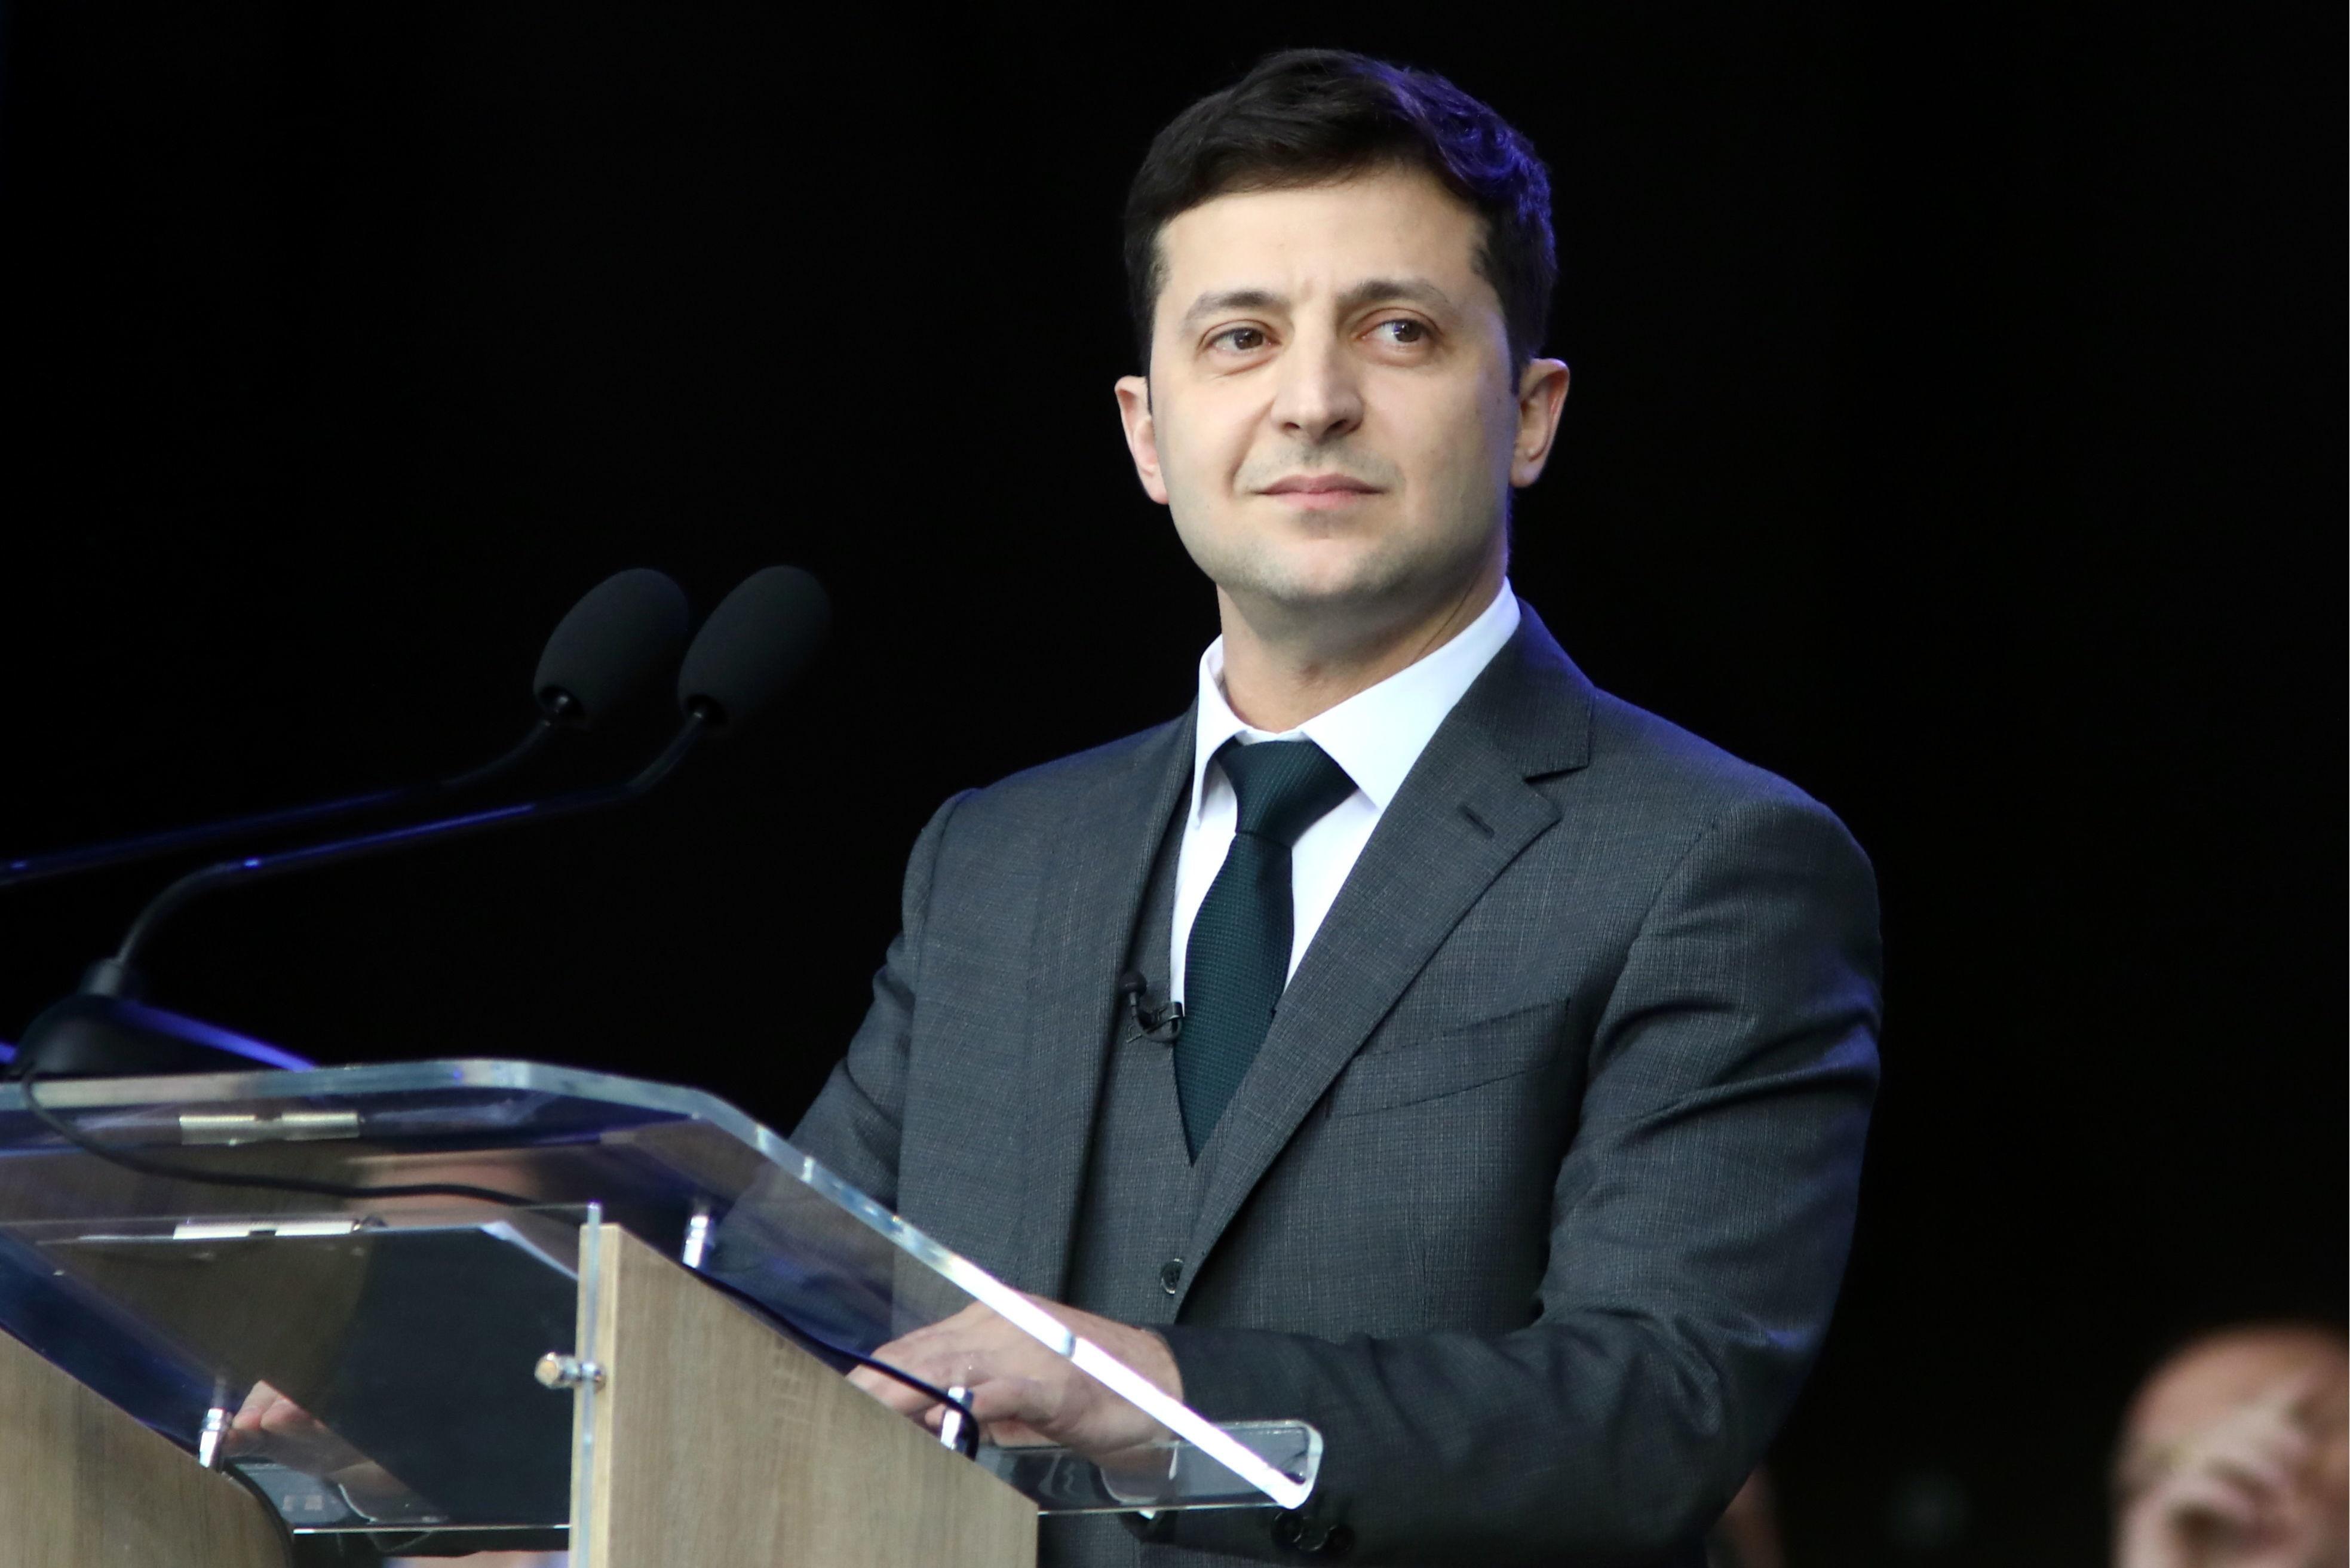 Зеленскому предсказали судьбу последнего президента Украины